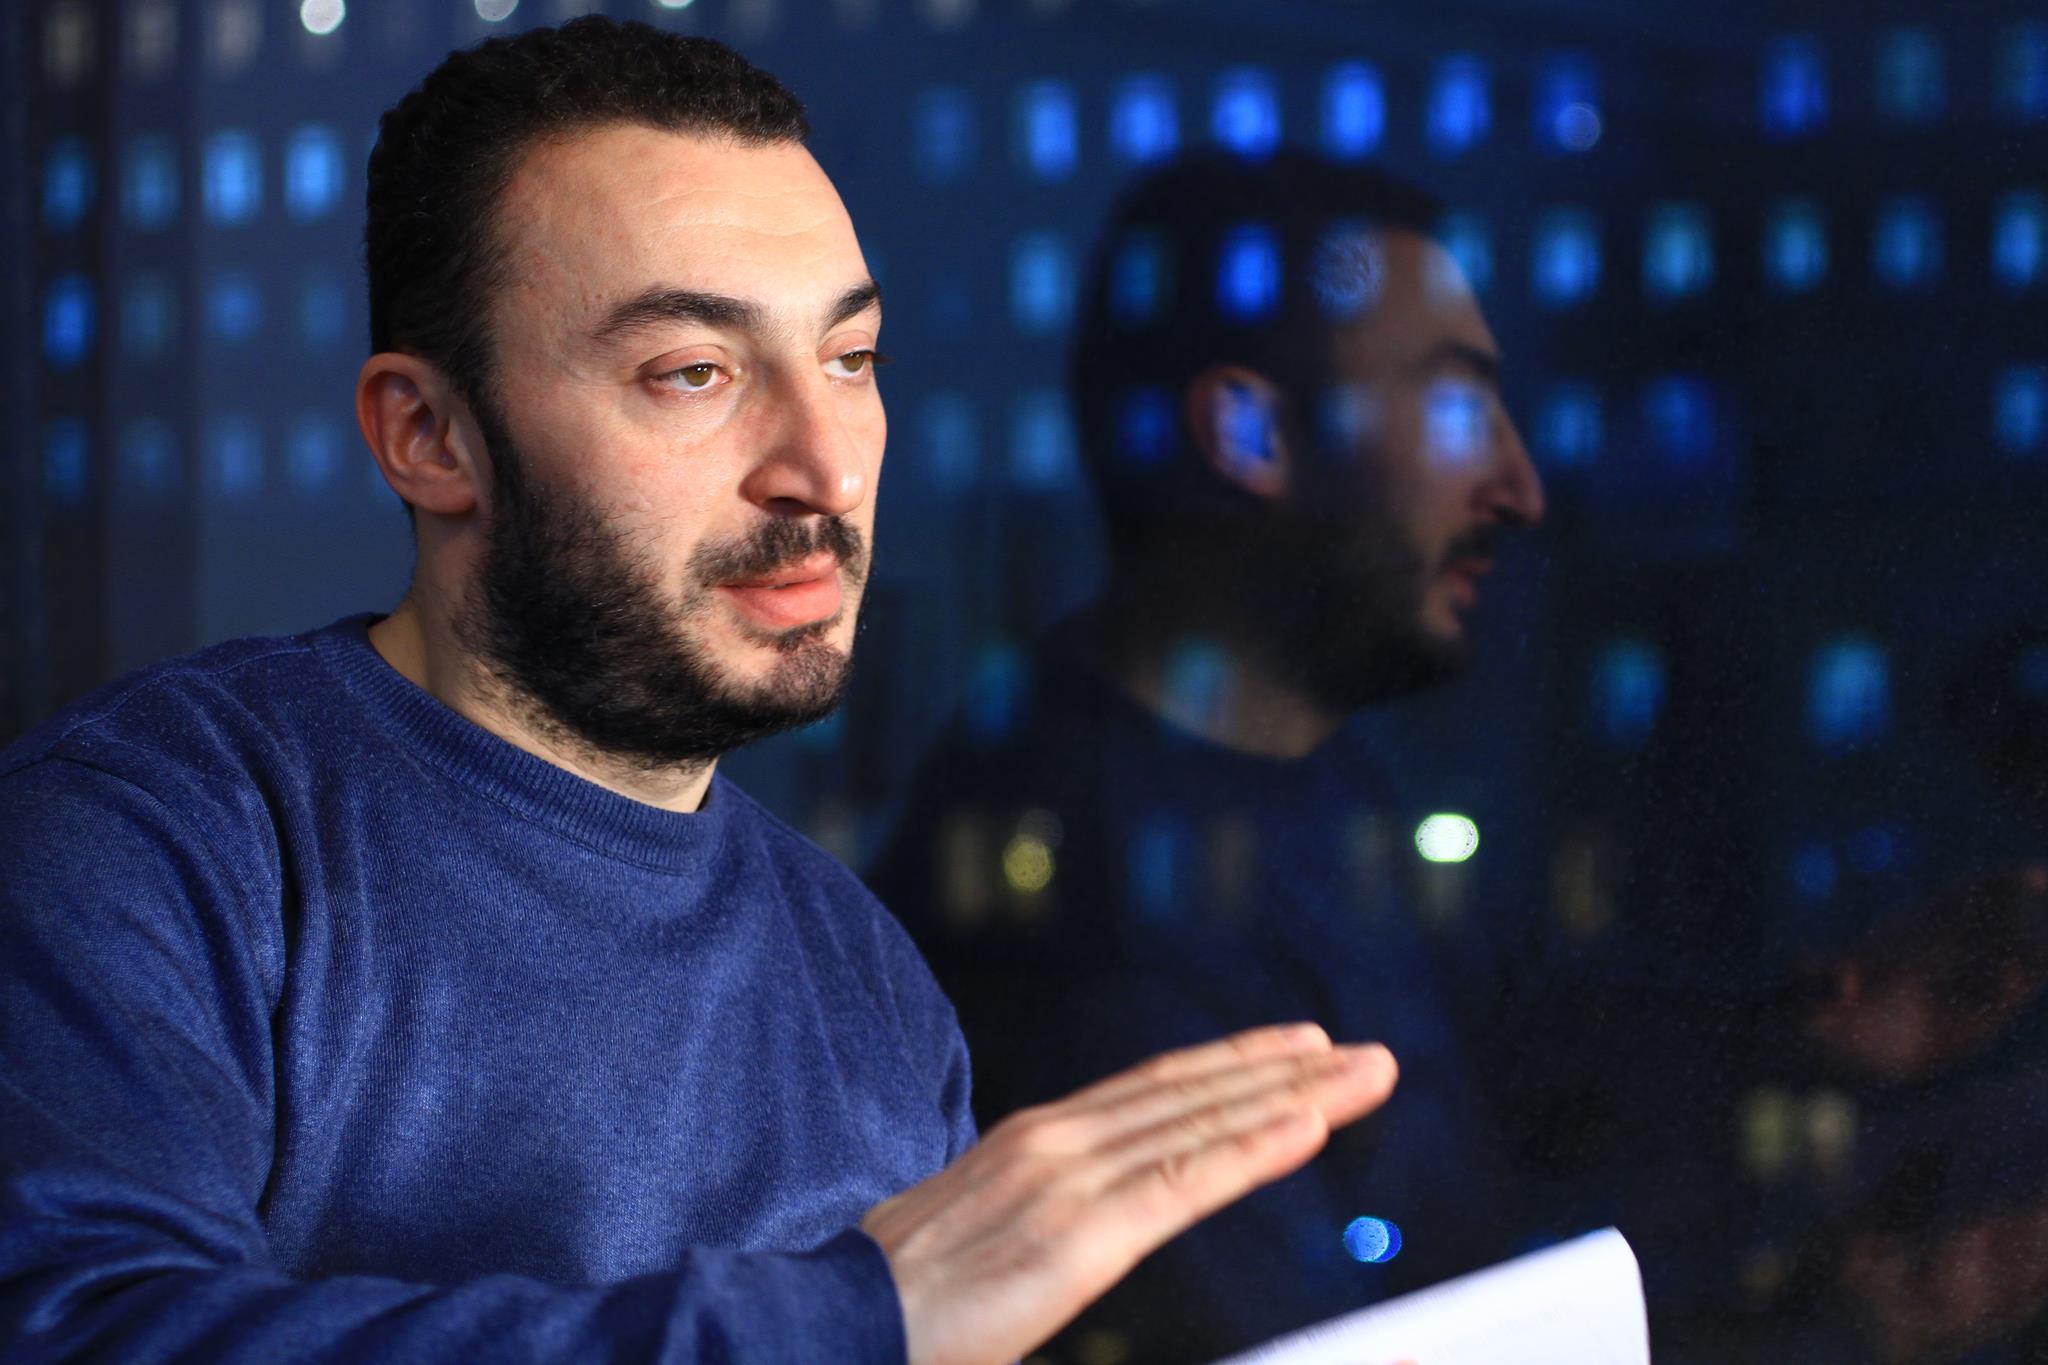 Azərbaycanlı rejissordan qalmaqallı sözlər: